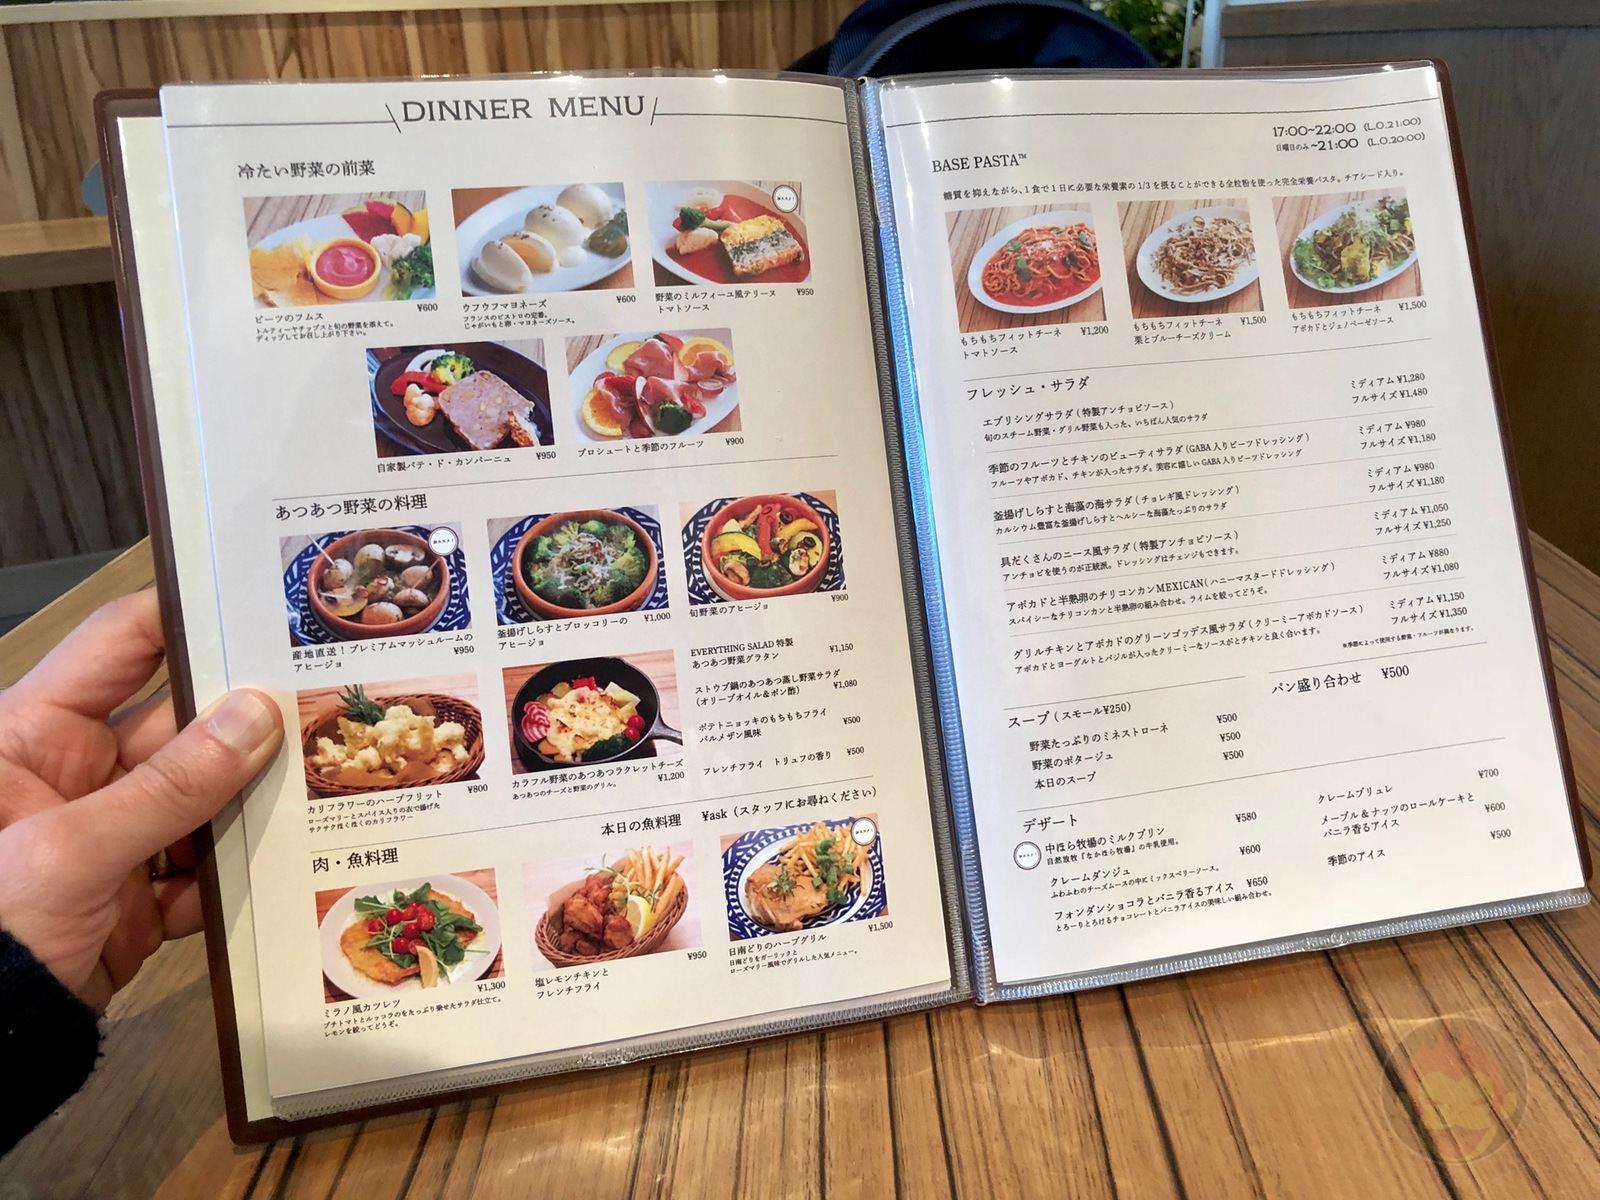 Everything Salad Omotesando Aoyama 05